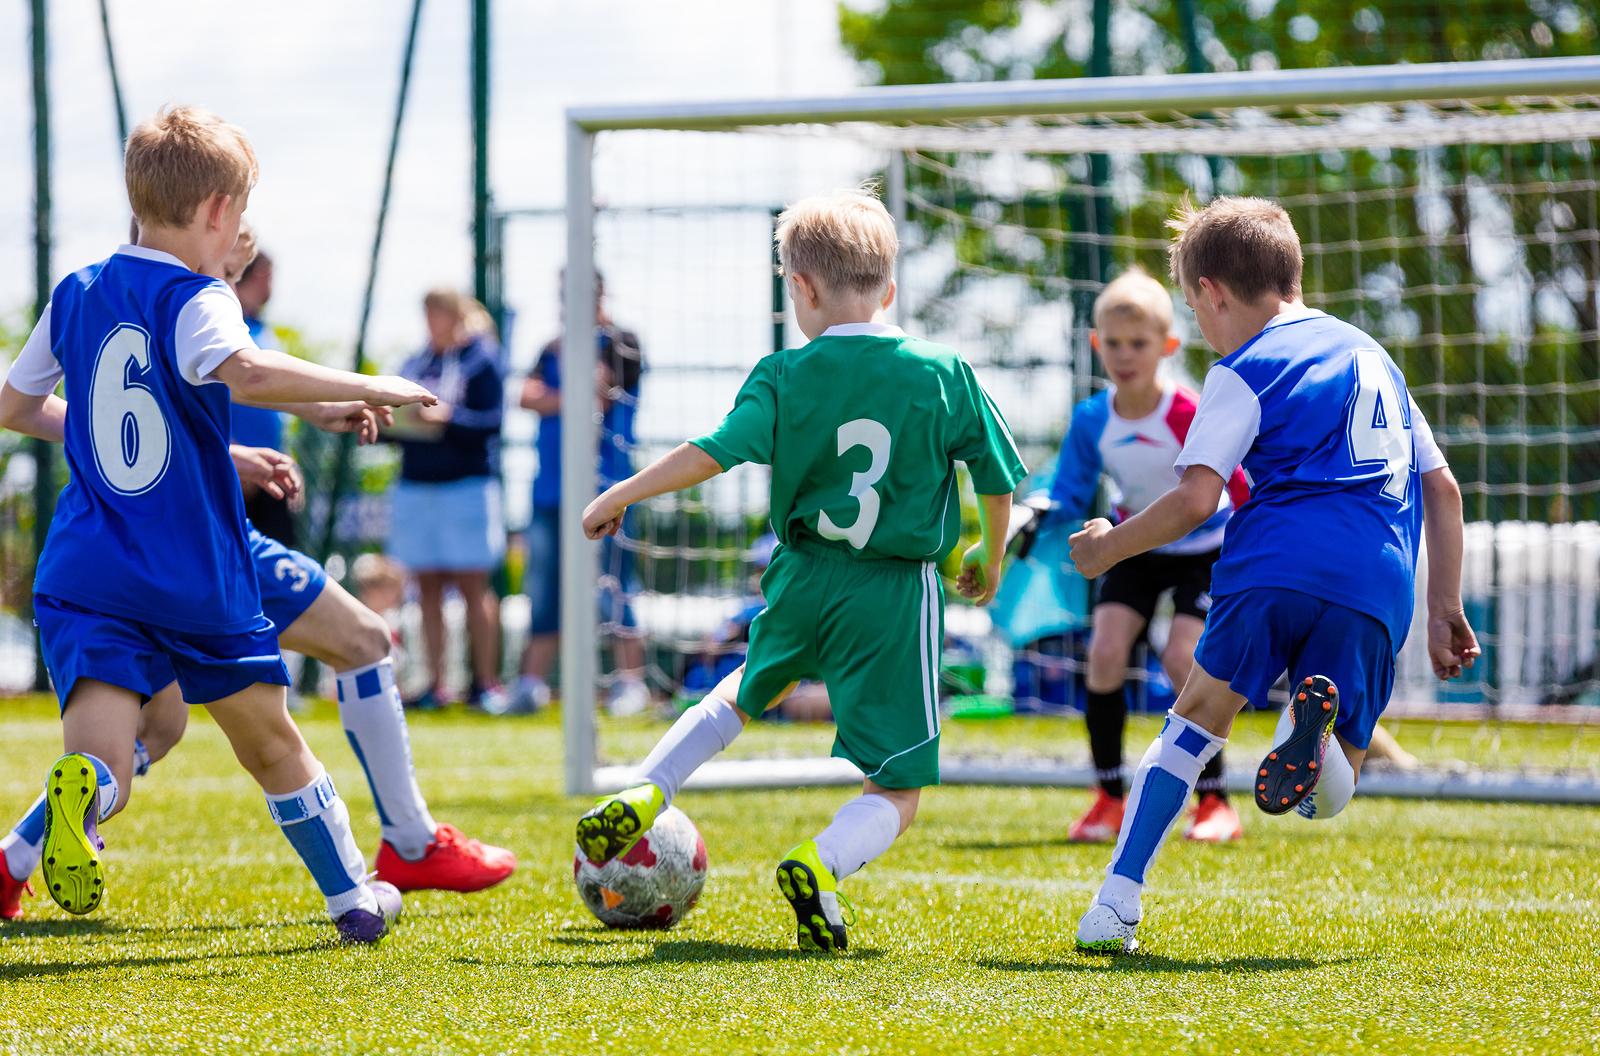 Children's soccer linked to ingrown toenails